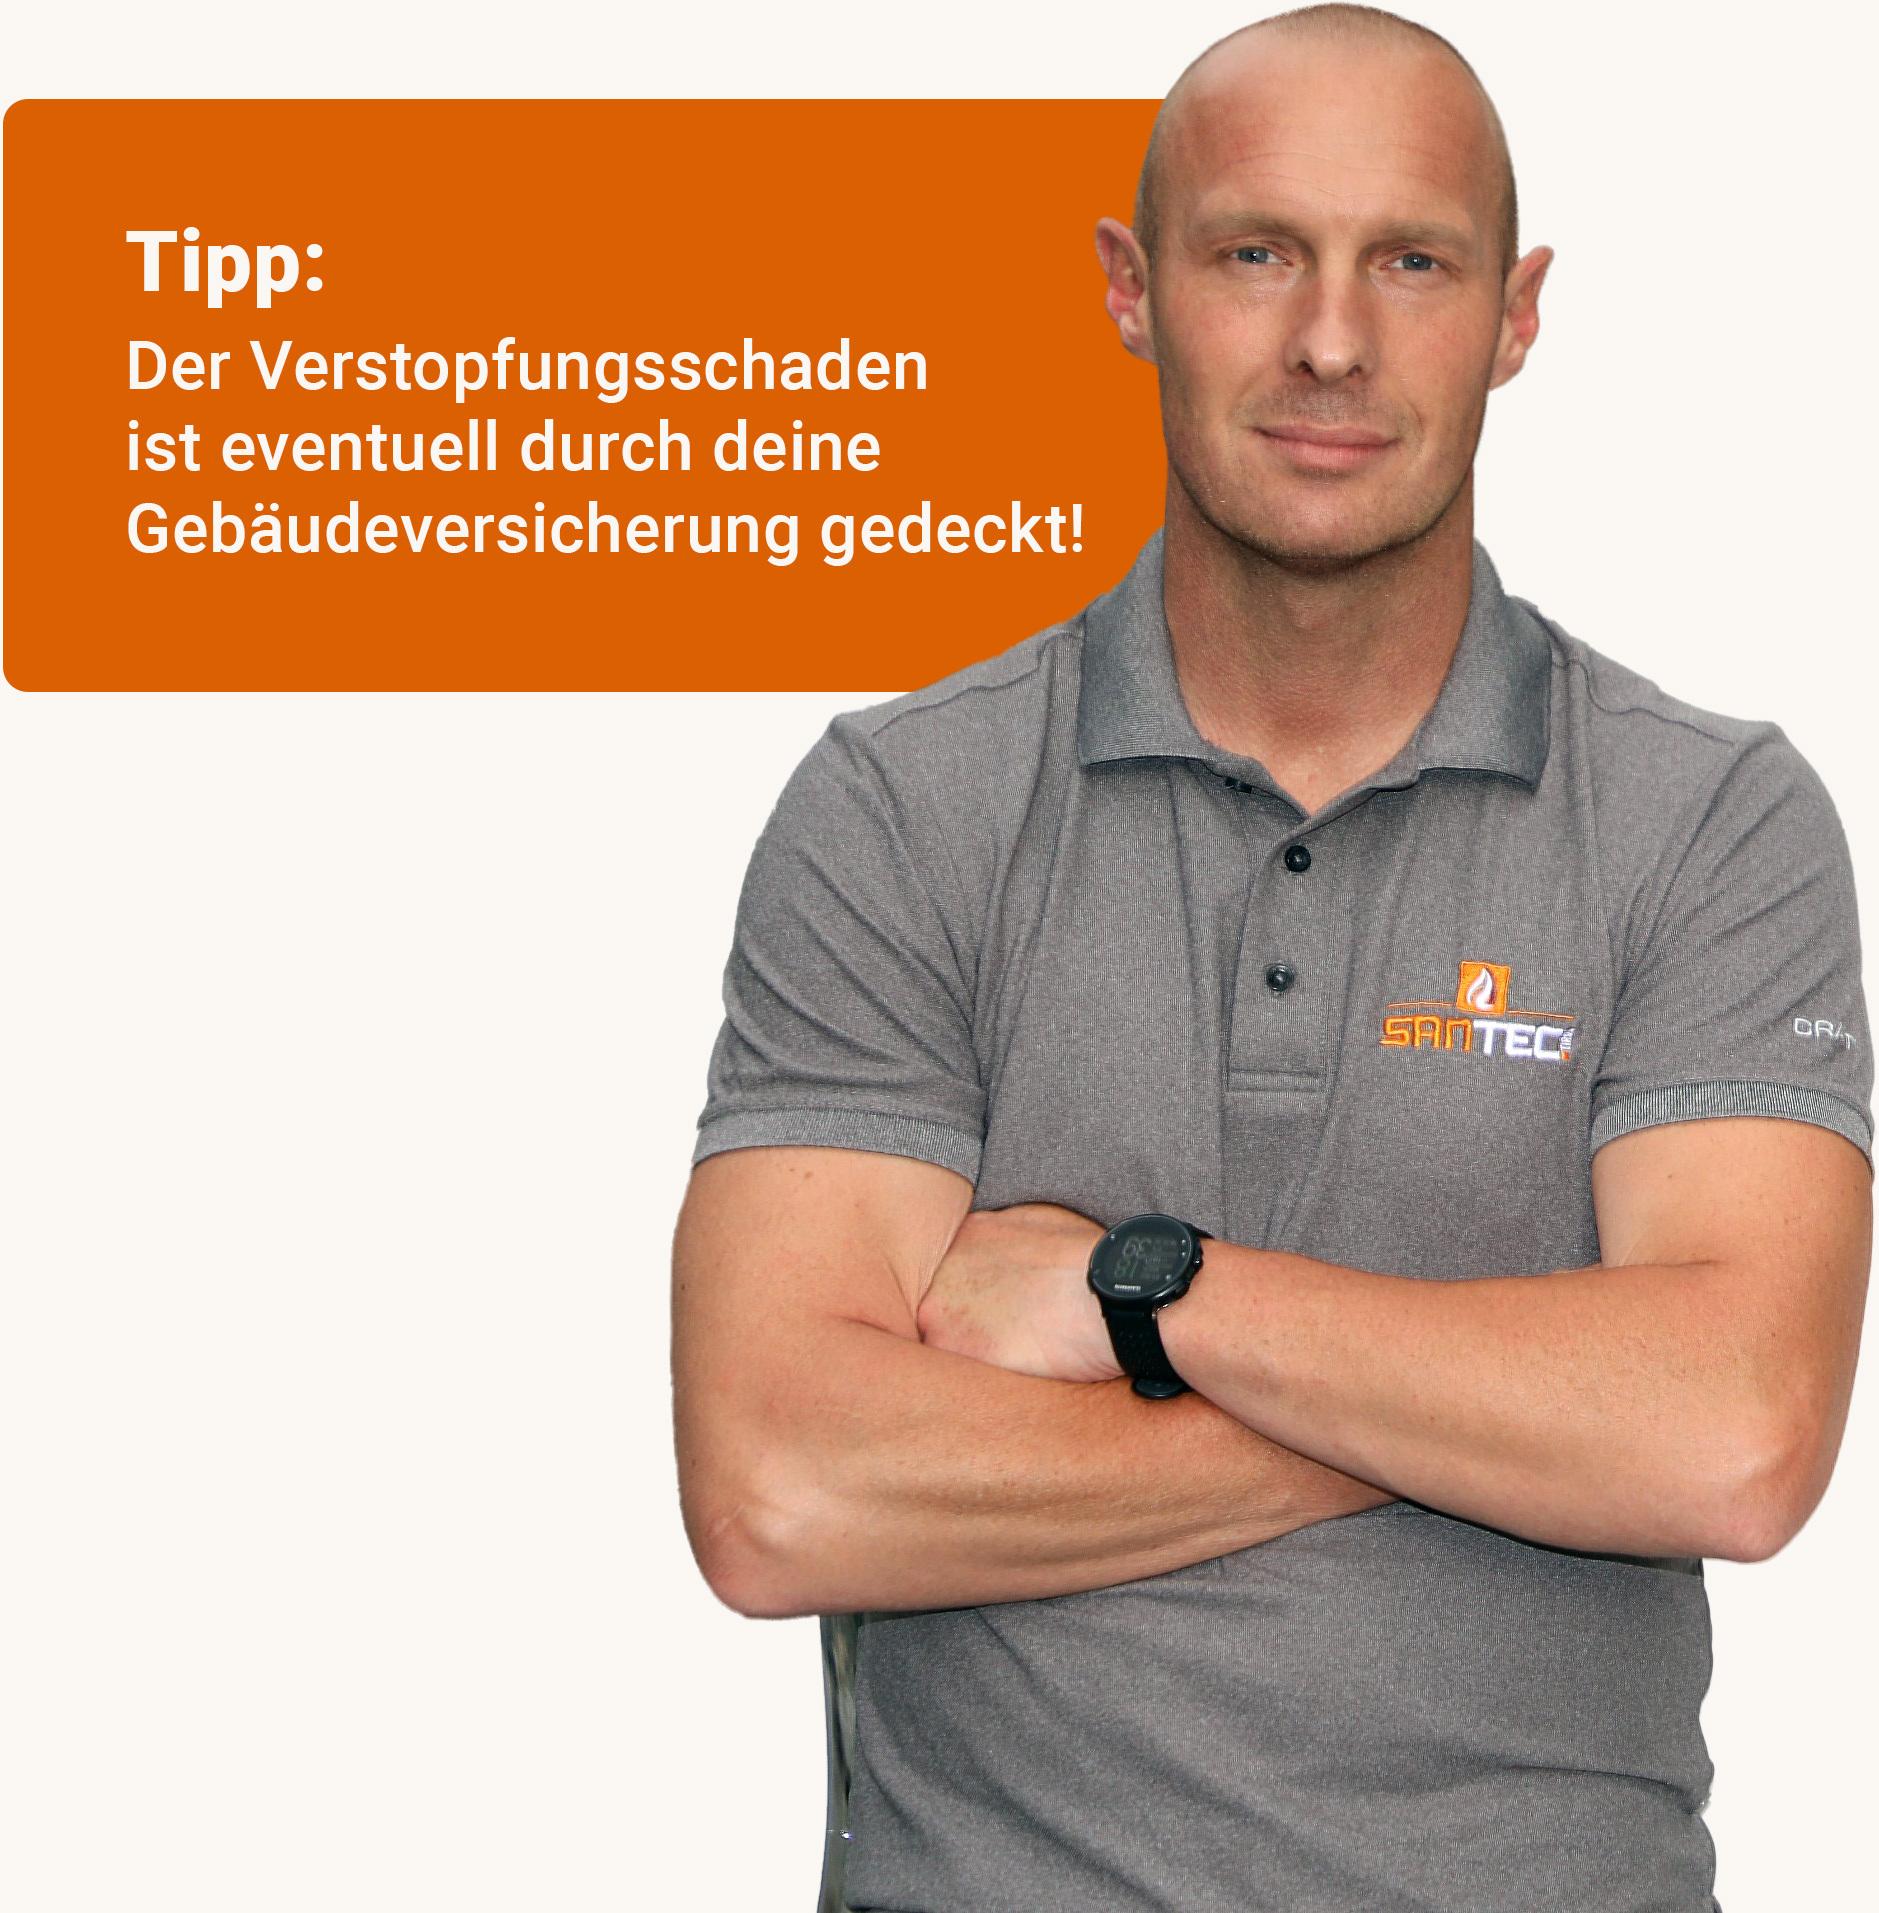 SanTec Tirol Kanalsanierung und Kanalservice GmbH - Inspektion, Sanierung und Verlegung - Kanalreinigung Notdienst - SanTec Person Info - Bild